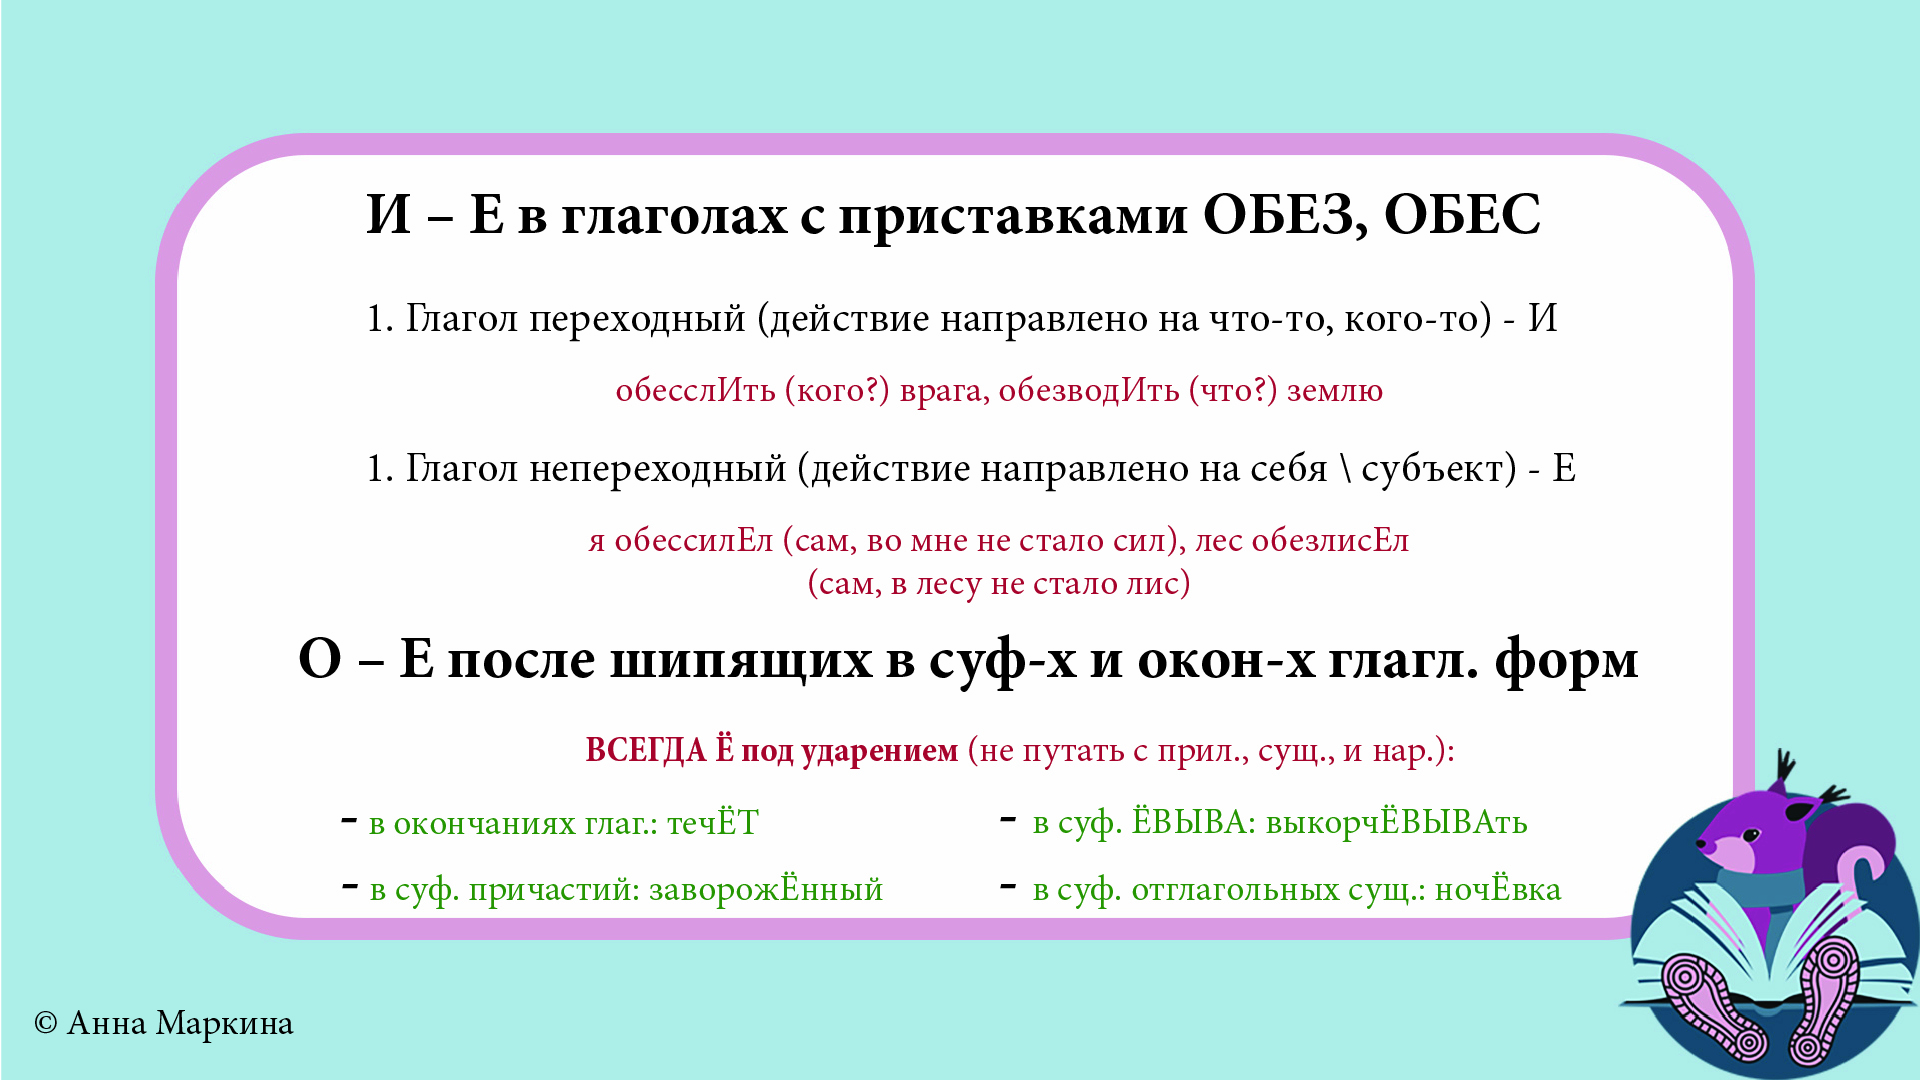 Правописание суффиксов И – Е в глаголах на ОБЕЗ-, ОБЕС-. О - Е после шипящих в суффиксах и окончаниях глагольных форм. ЕГЭ русский язык задание 11